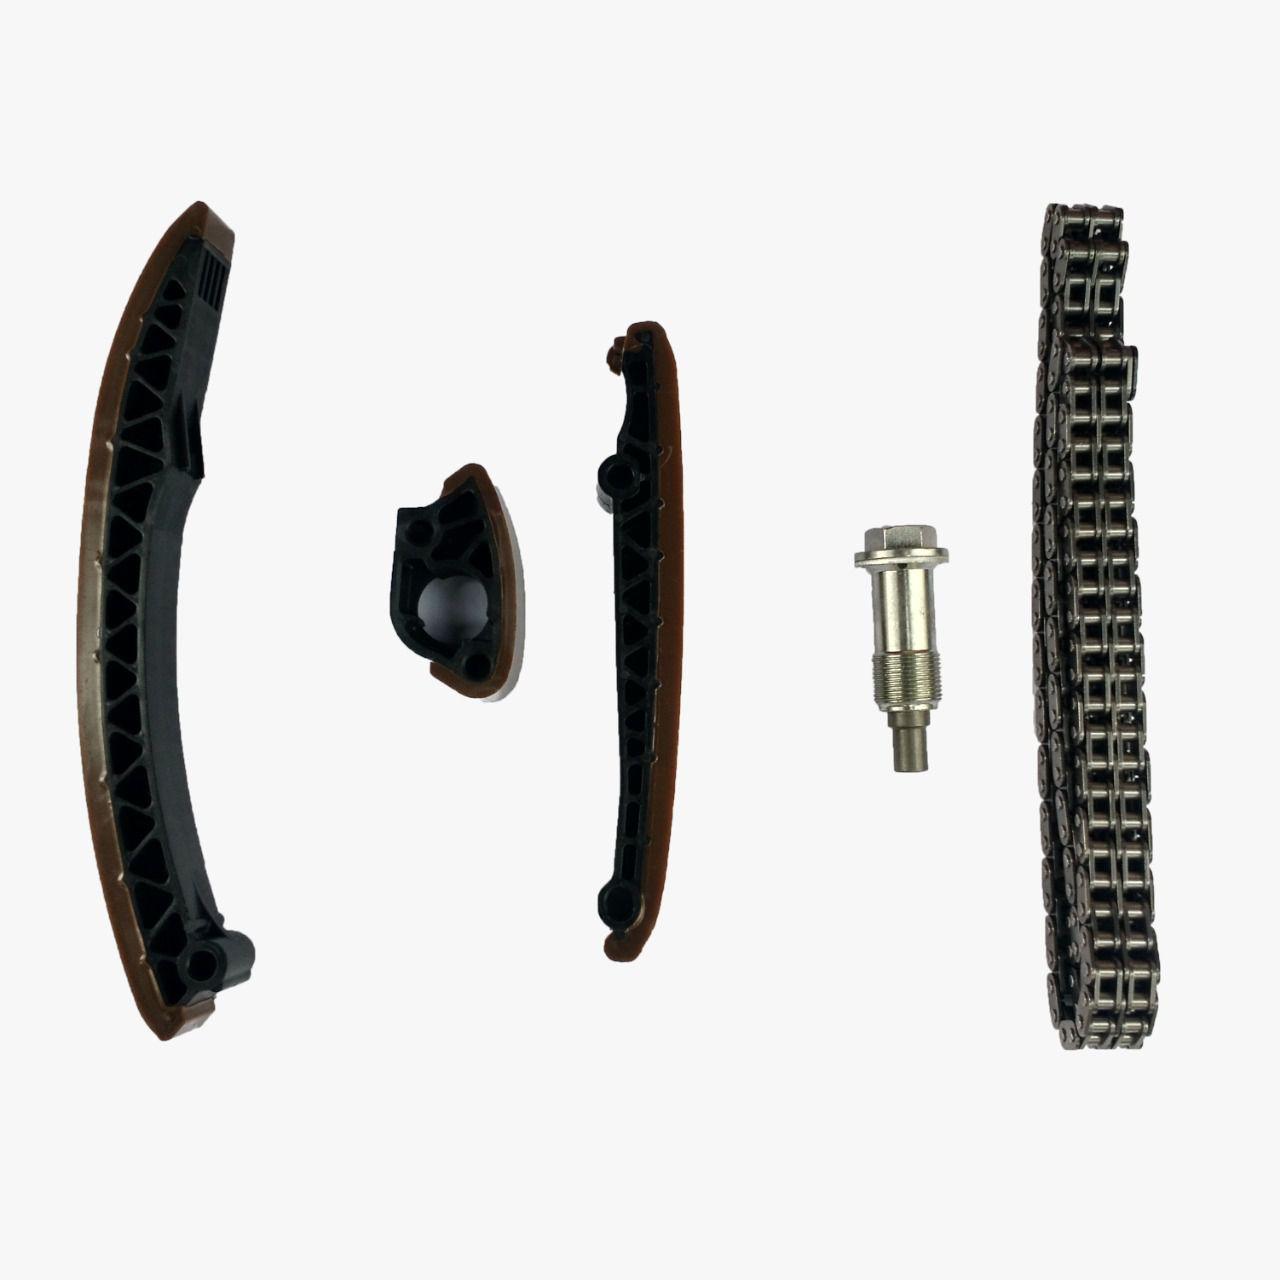 Kit Corrente Distribuição (Sem Polia) Sprinter CDI 2.2 16v 311 / 313 / 411 / 413  2002 a 2011